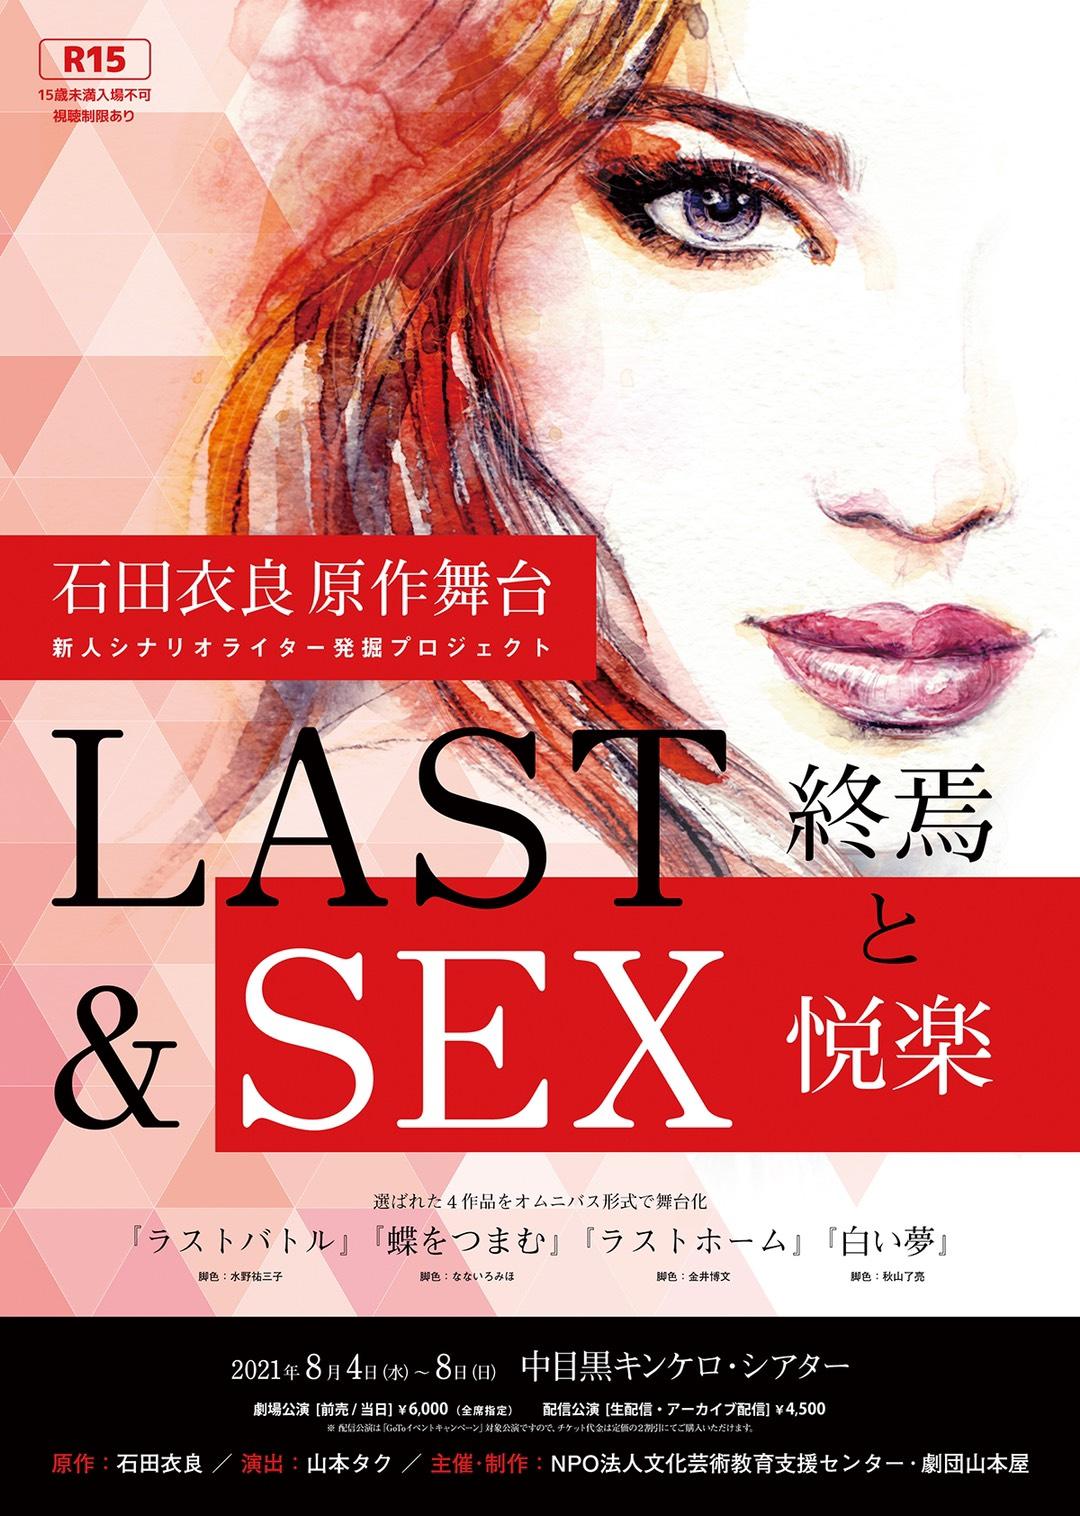 舞台 LAST & SEX ポスター表